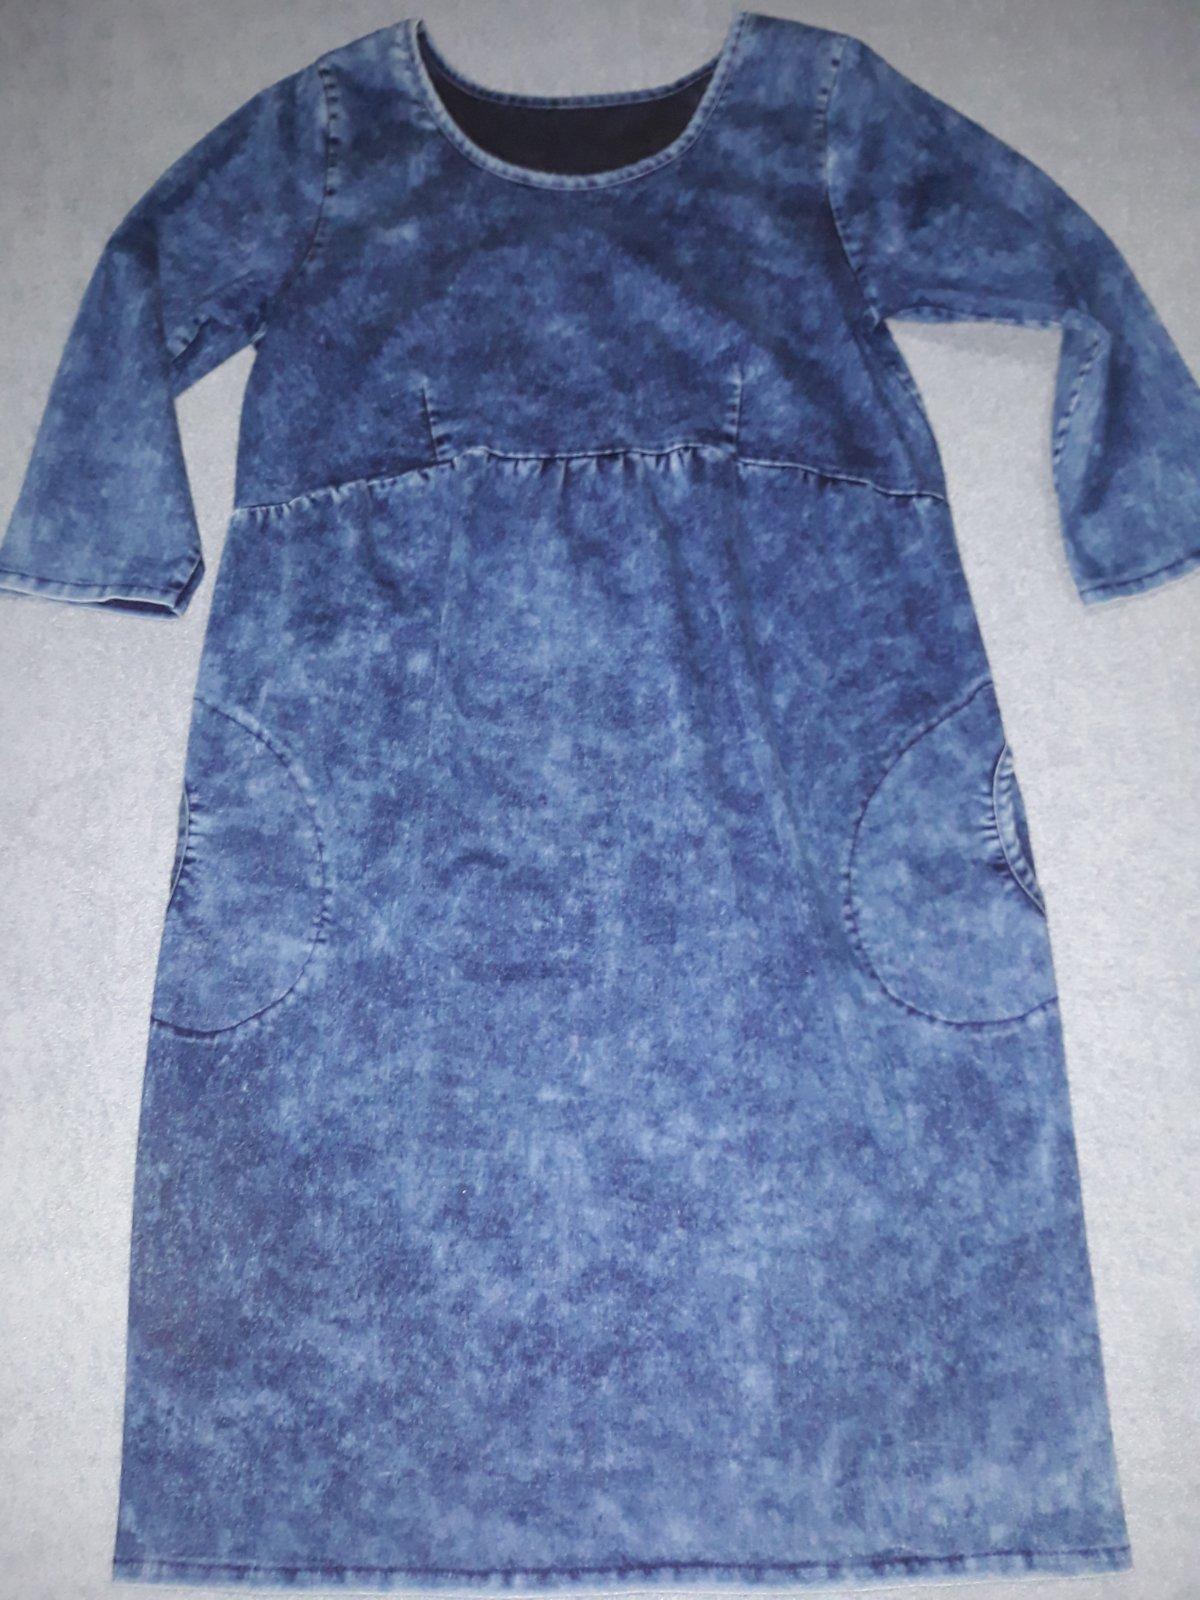 5844320a2278 Tehotenske riflove šaty xl